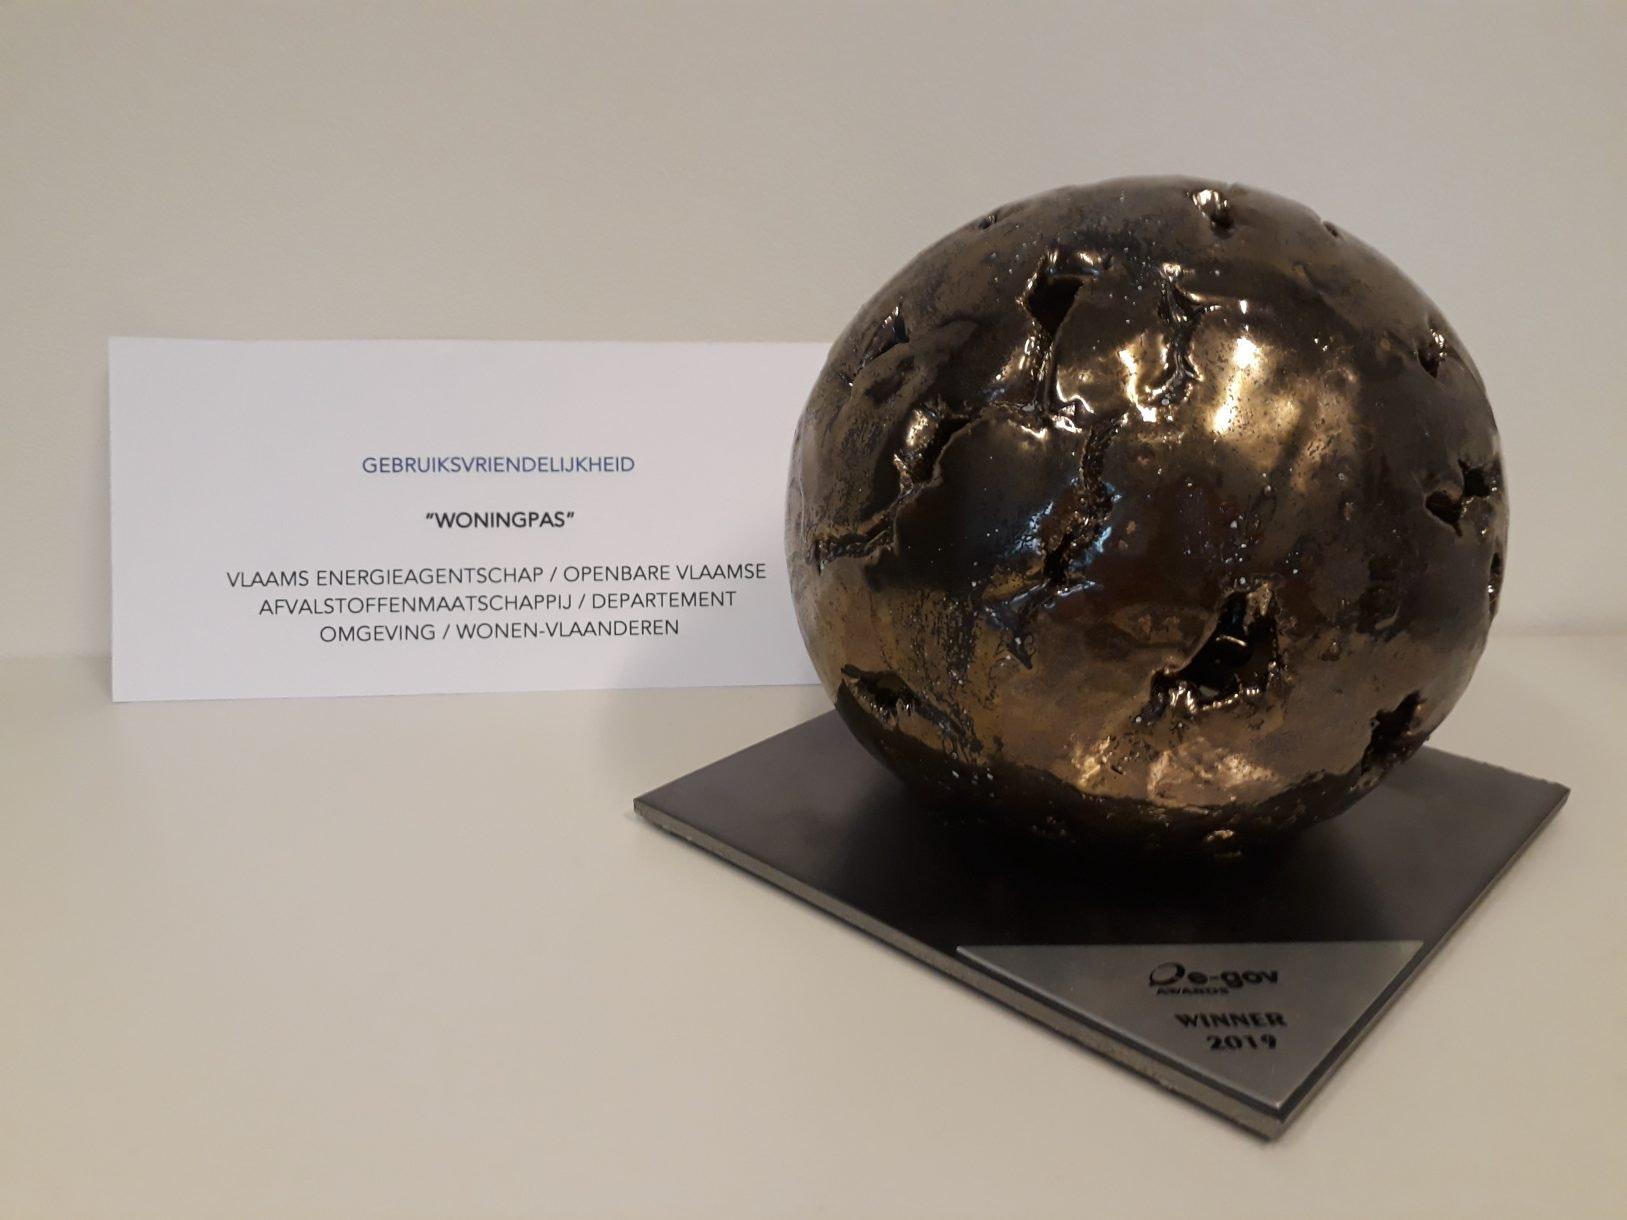 woningpas award